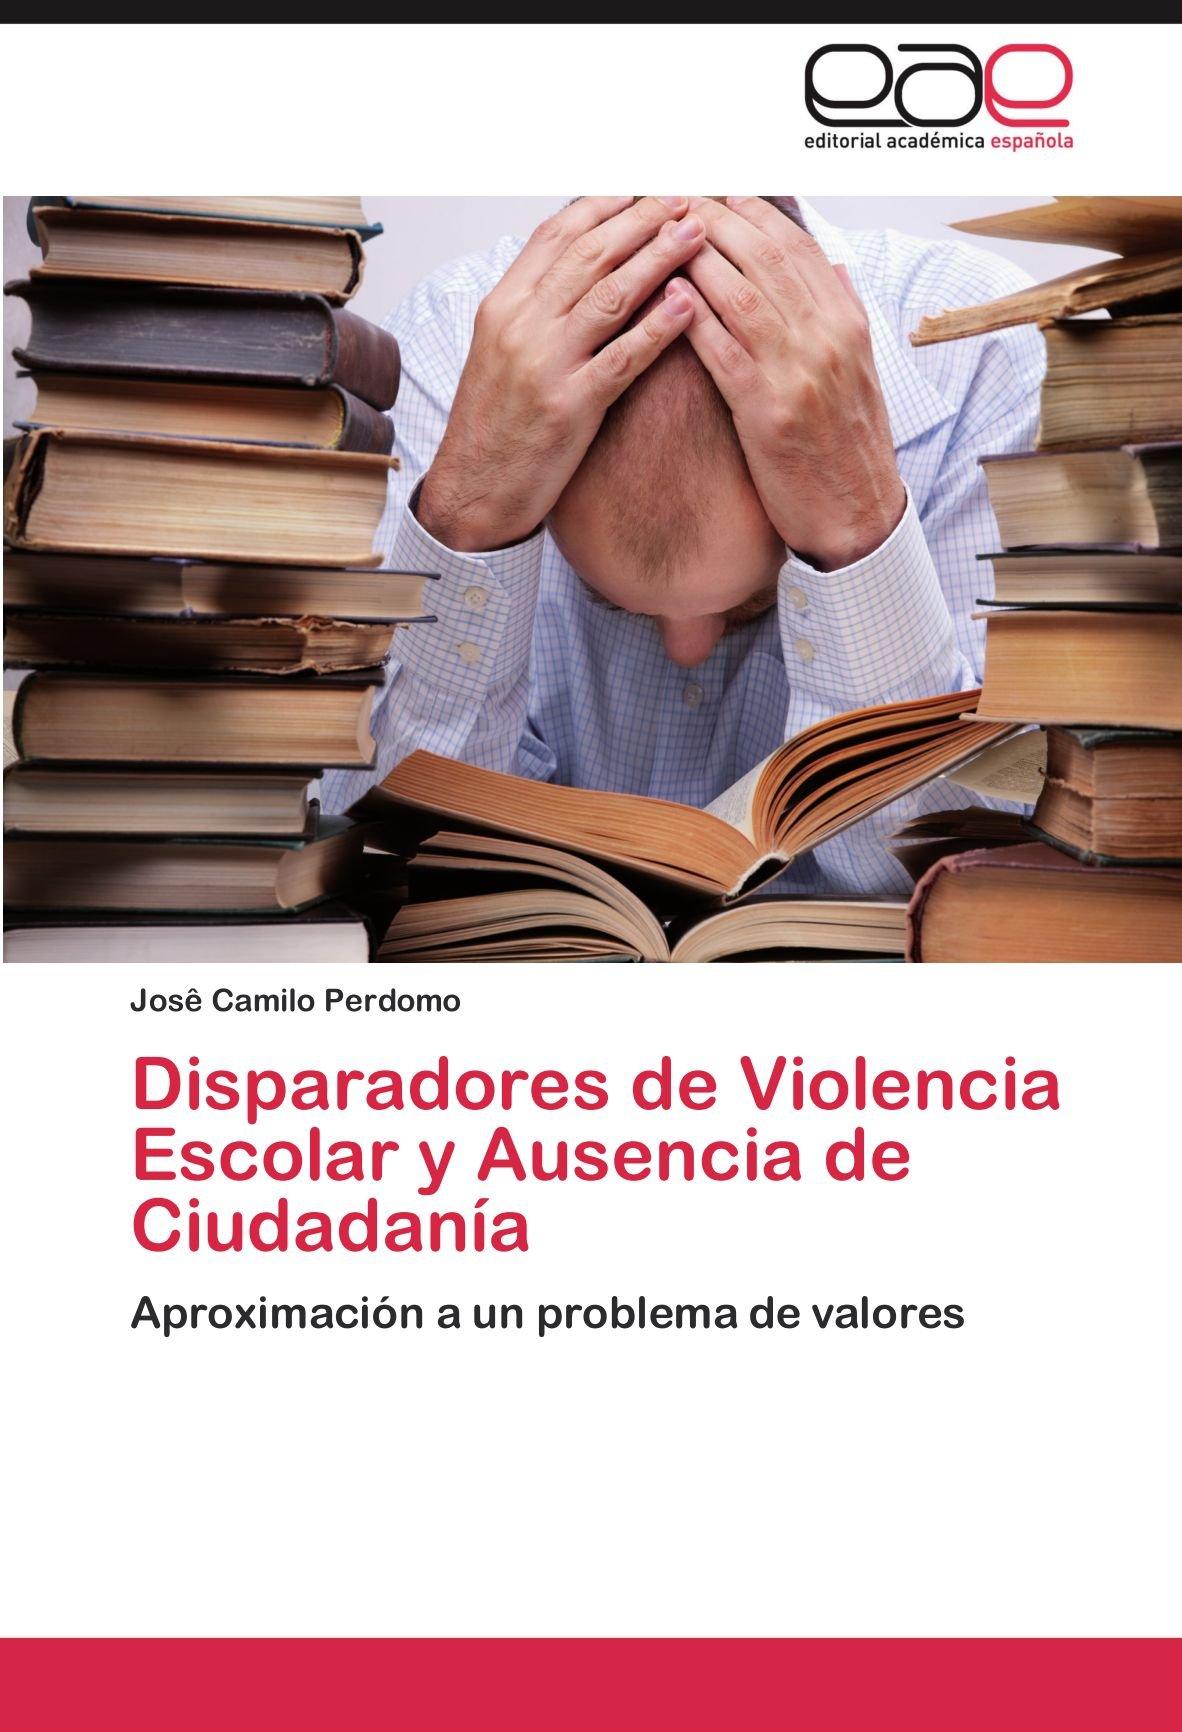 Disparadores de Violencia Escolar y Ausencia de Ciudadania: Amazon.es: Perdomo, Jos Camilo, Perdomo, Jose Camilo: Libros